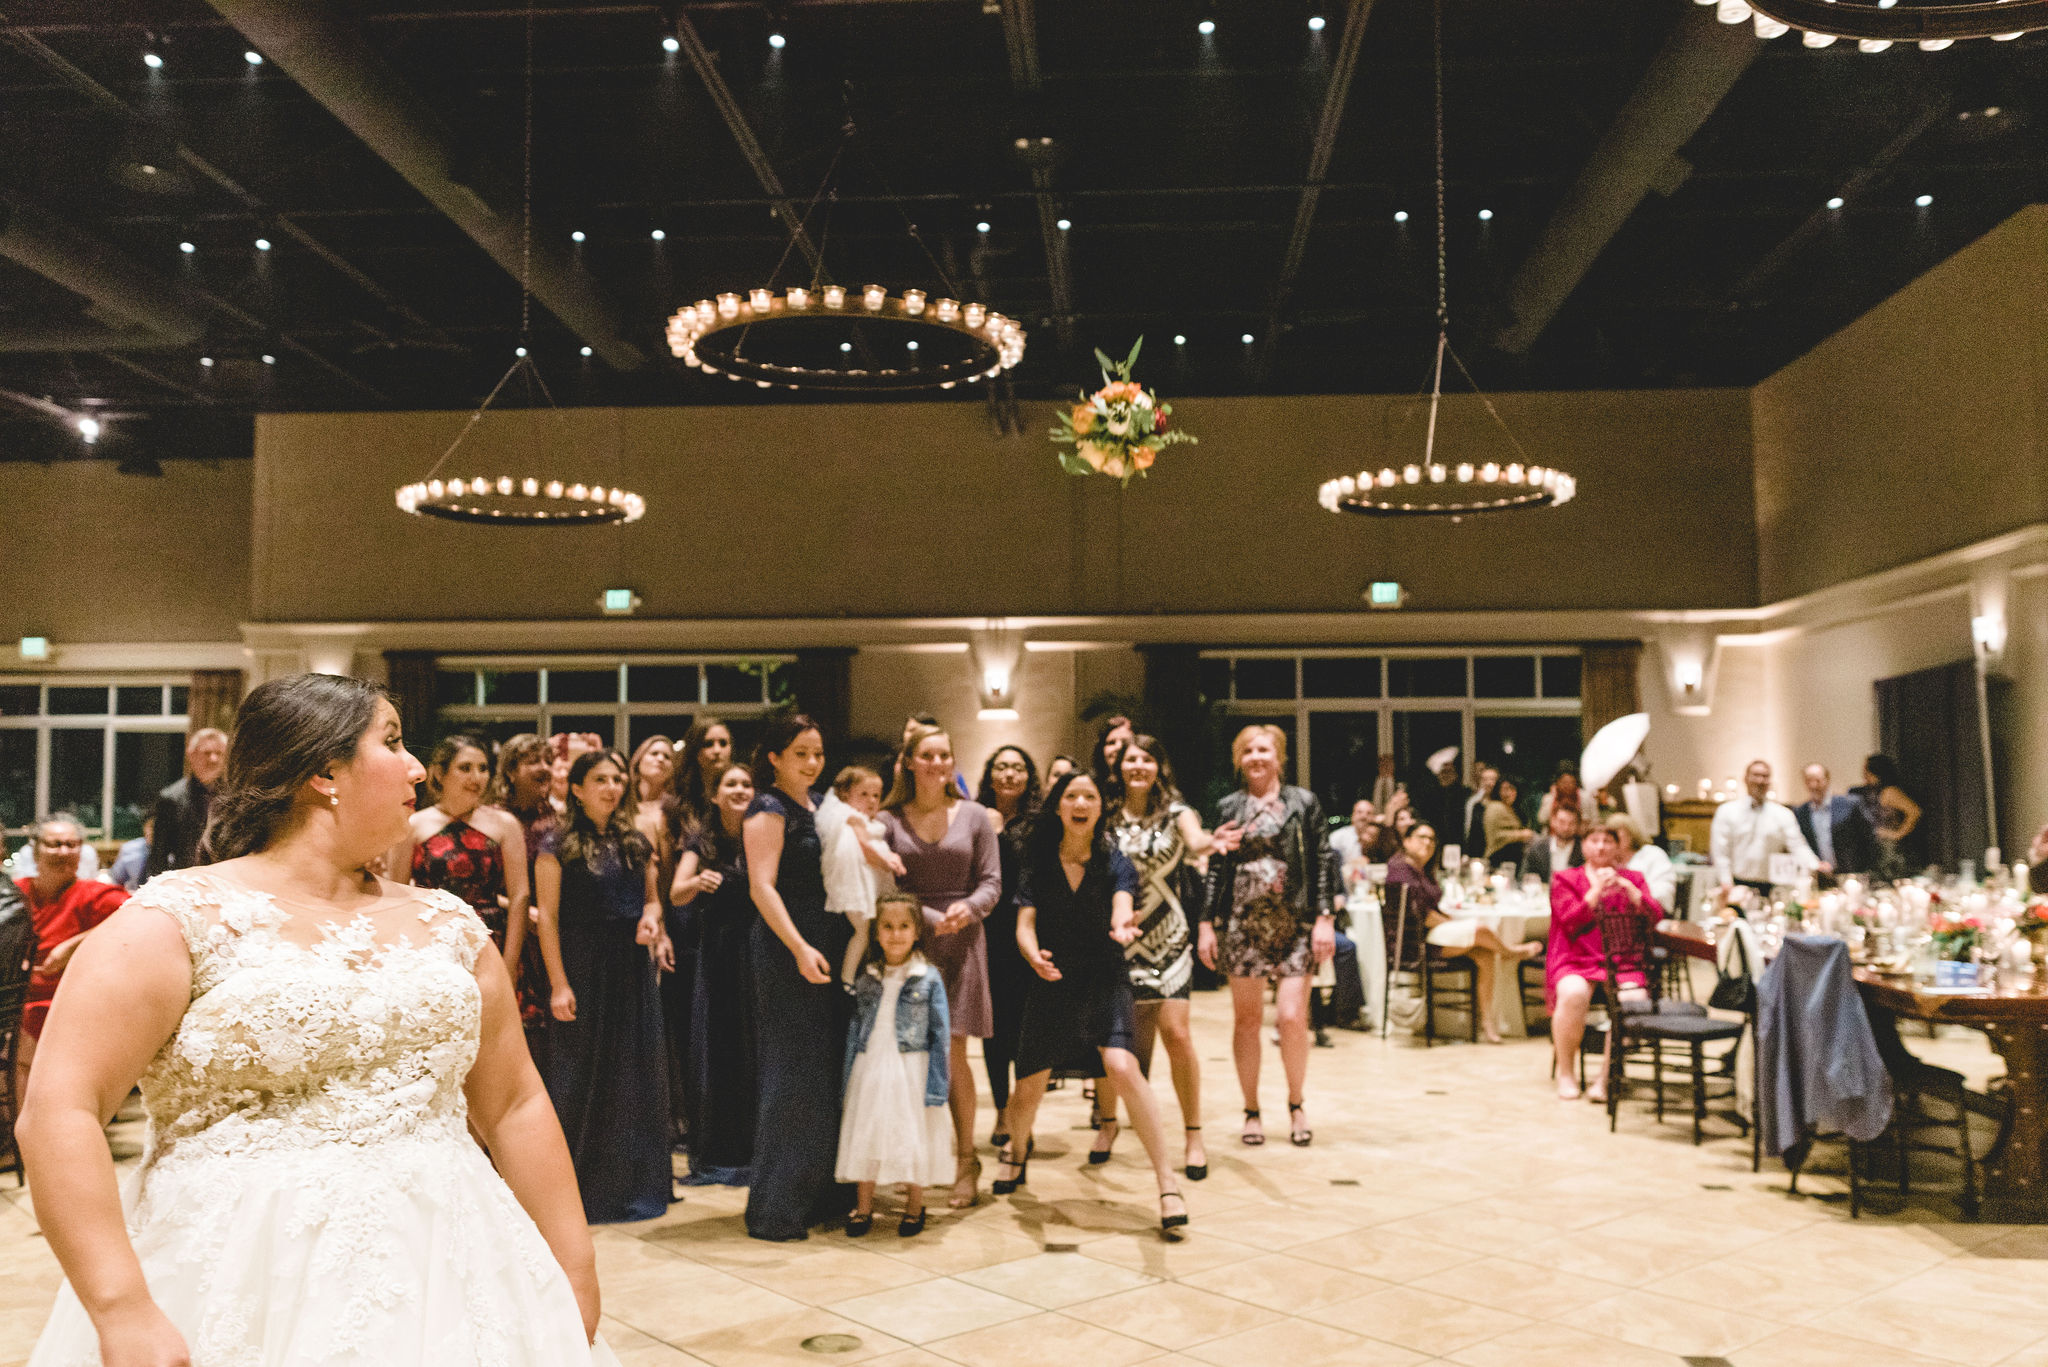 rokes_wedding-reception-347.jpg